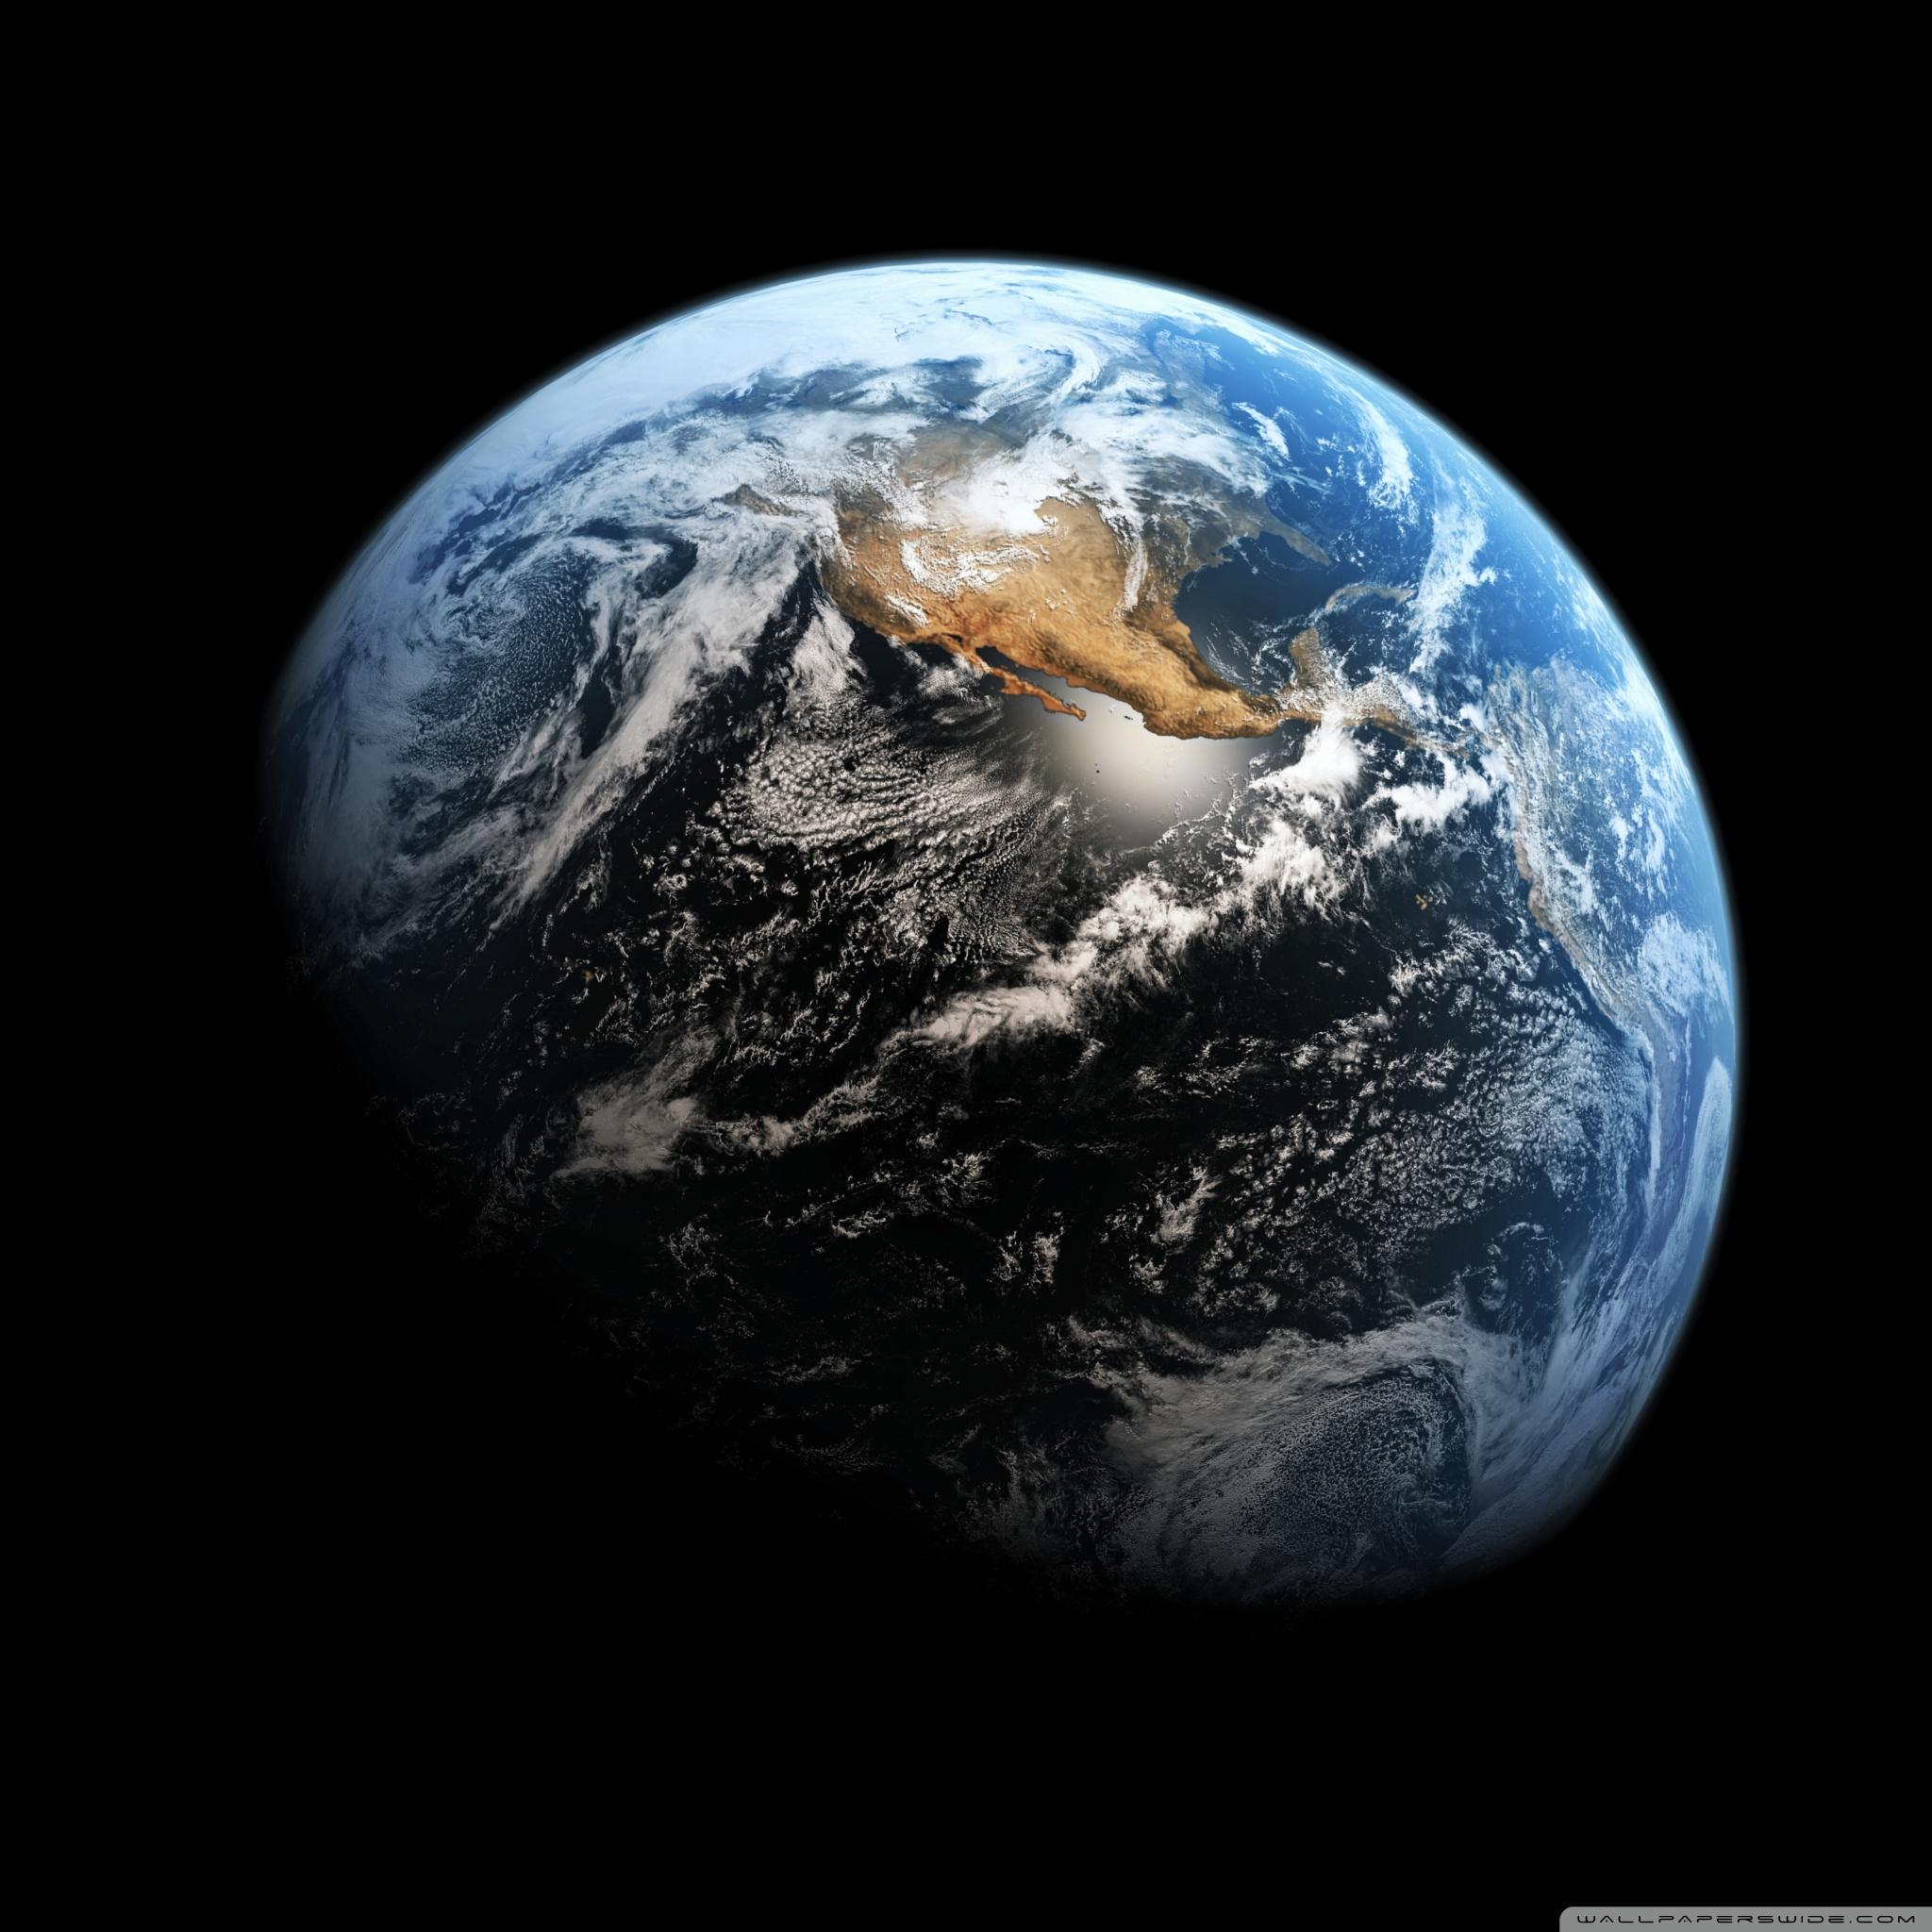 Earth 4k Hd Desktop Wallpaper For 4k Ultra Hd Tv Dual Monitor